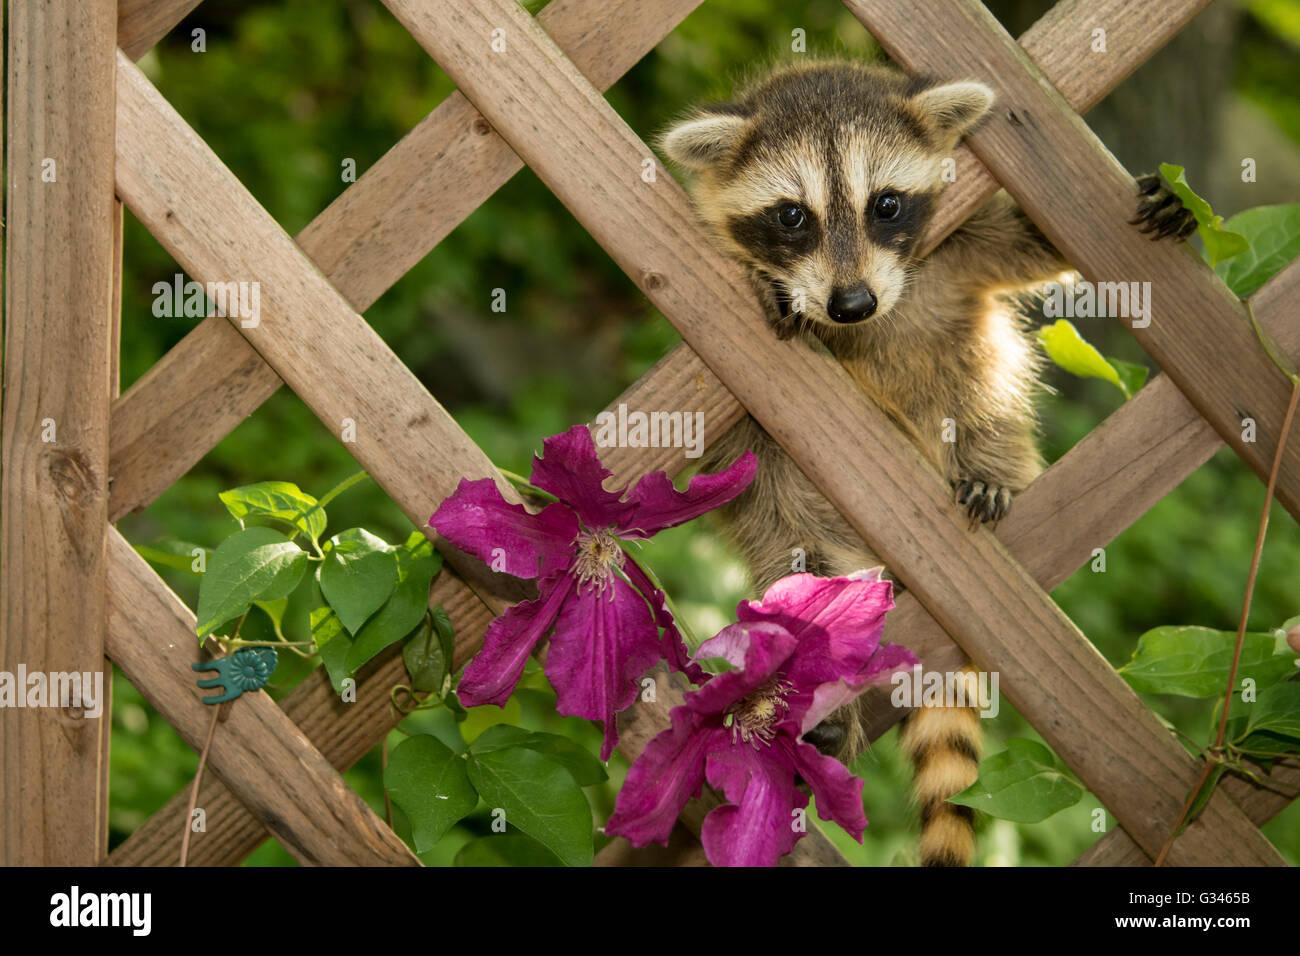 A baby raccoon climbing in the garden Stock Photo